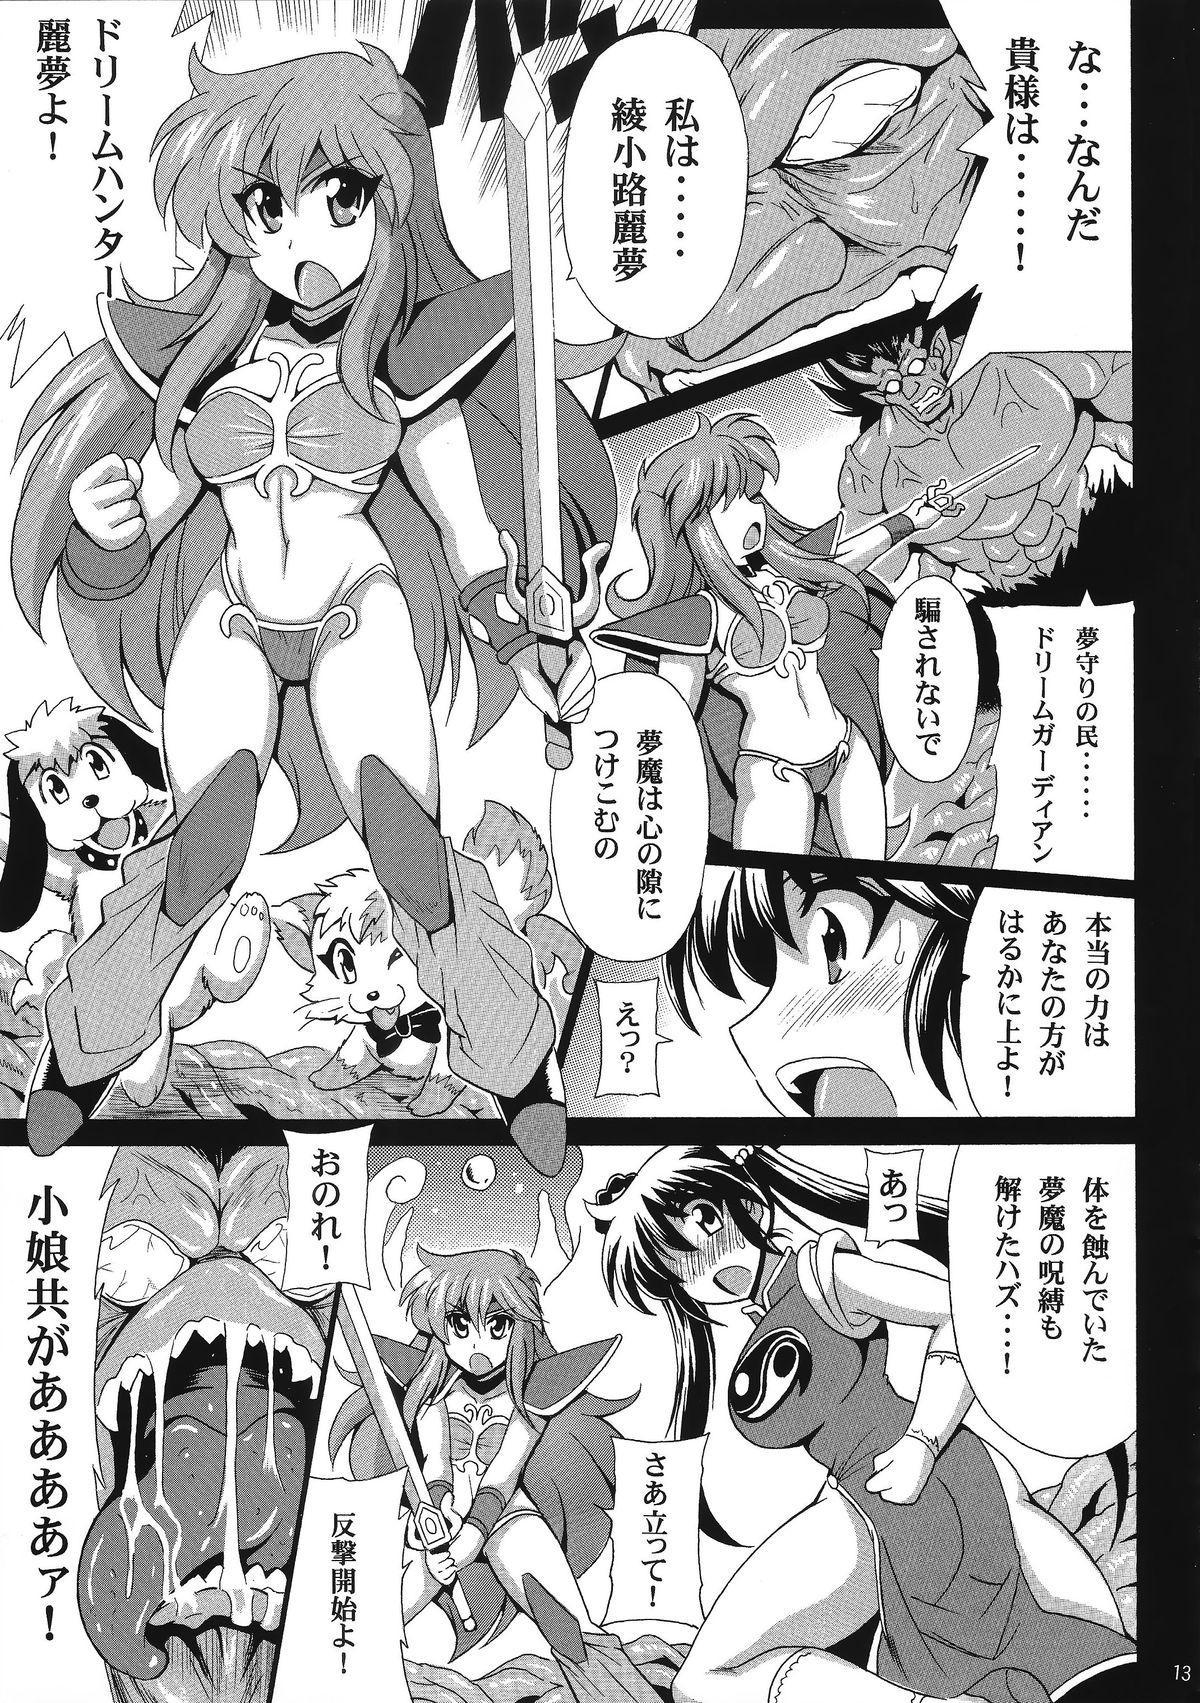 Mamono Hunter Inmu no Shou 13